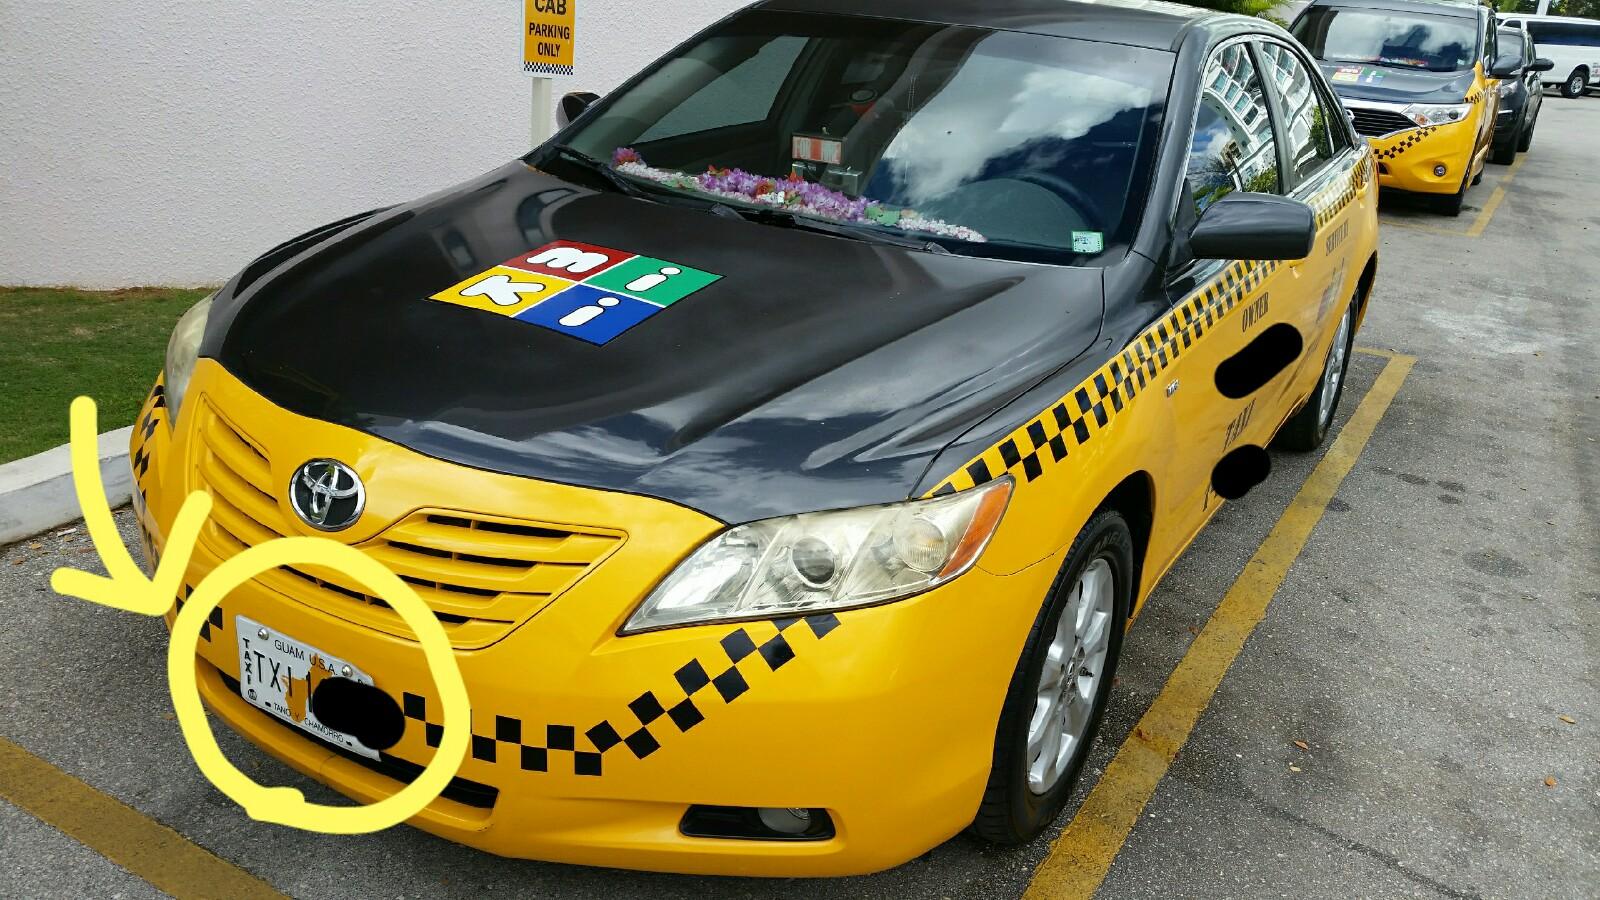 Guam Taxi Number